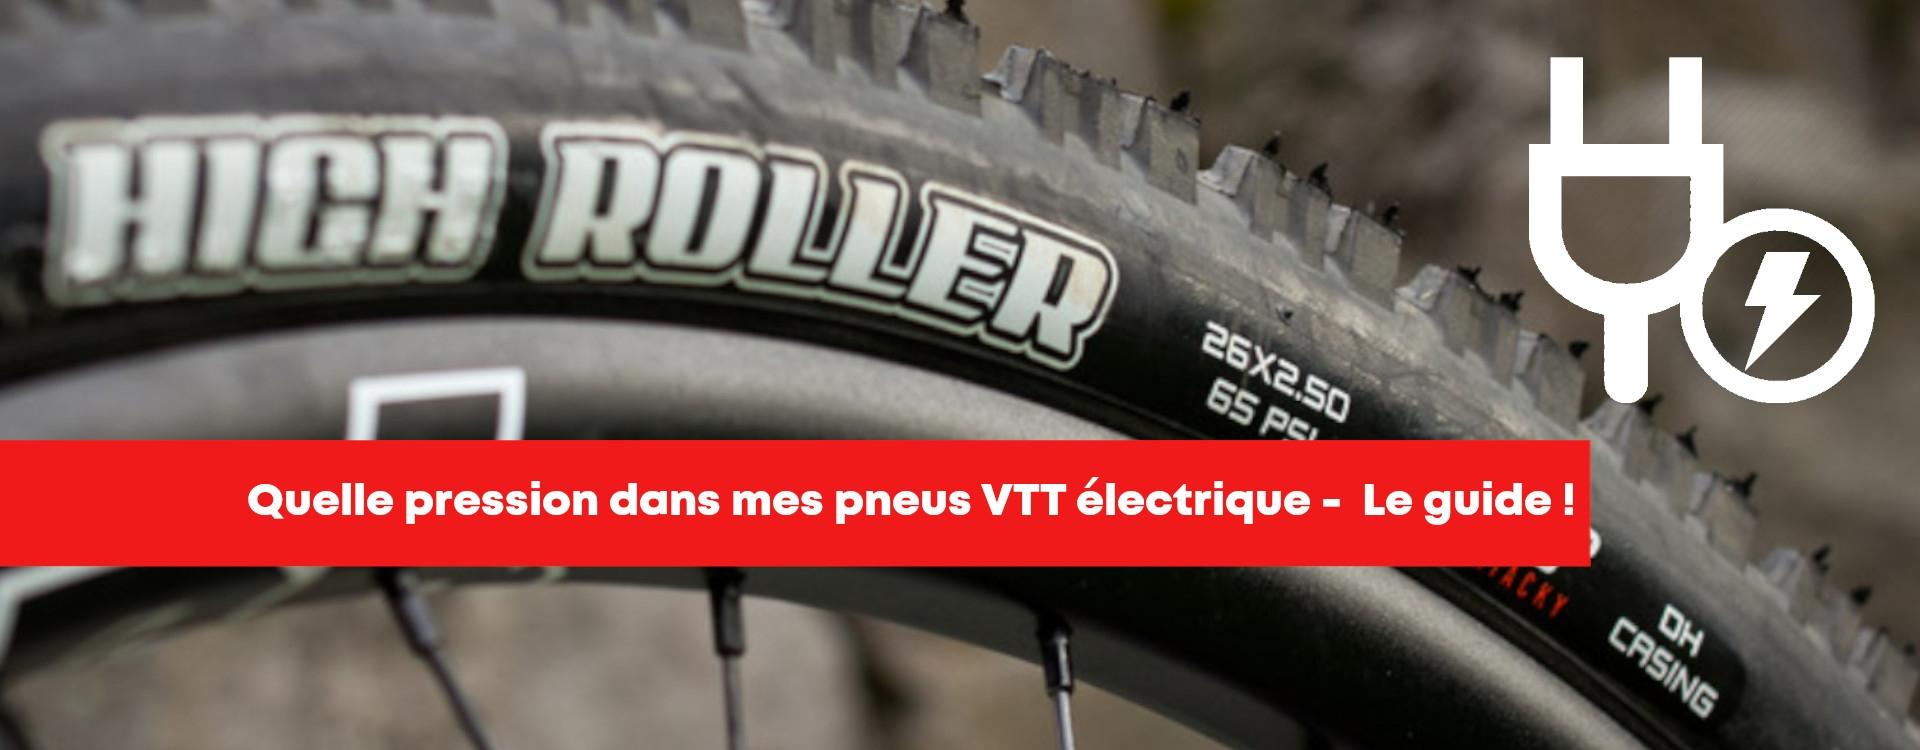 Pression pneu VTT électrique - Notre guide